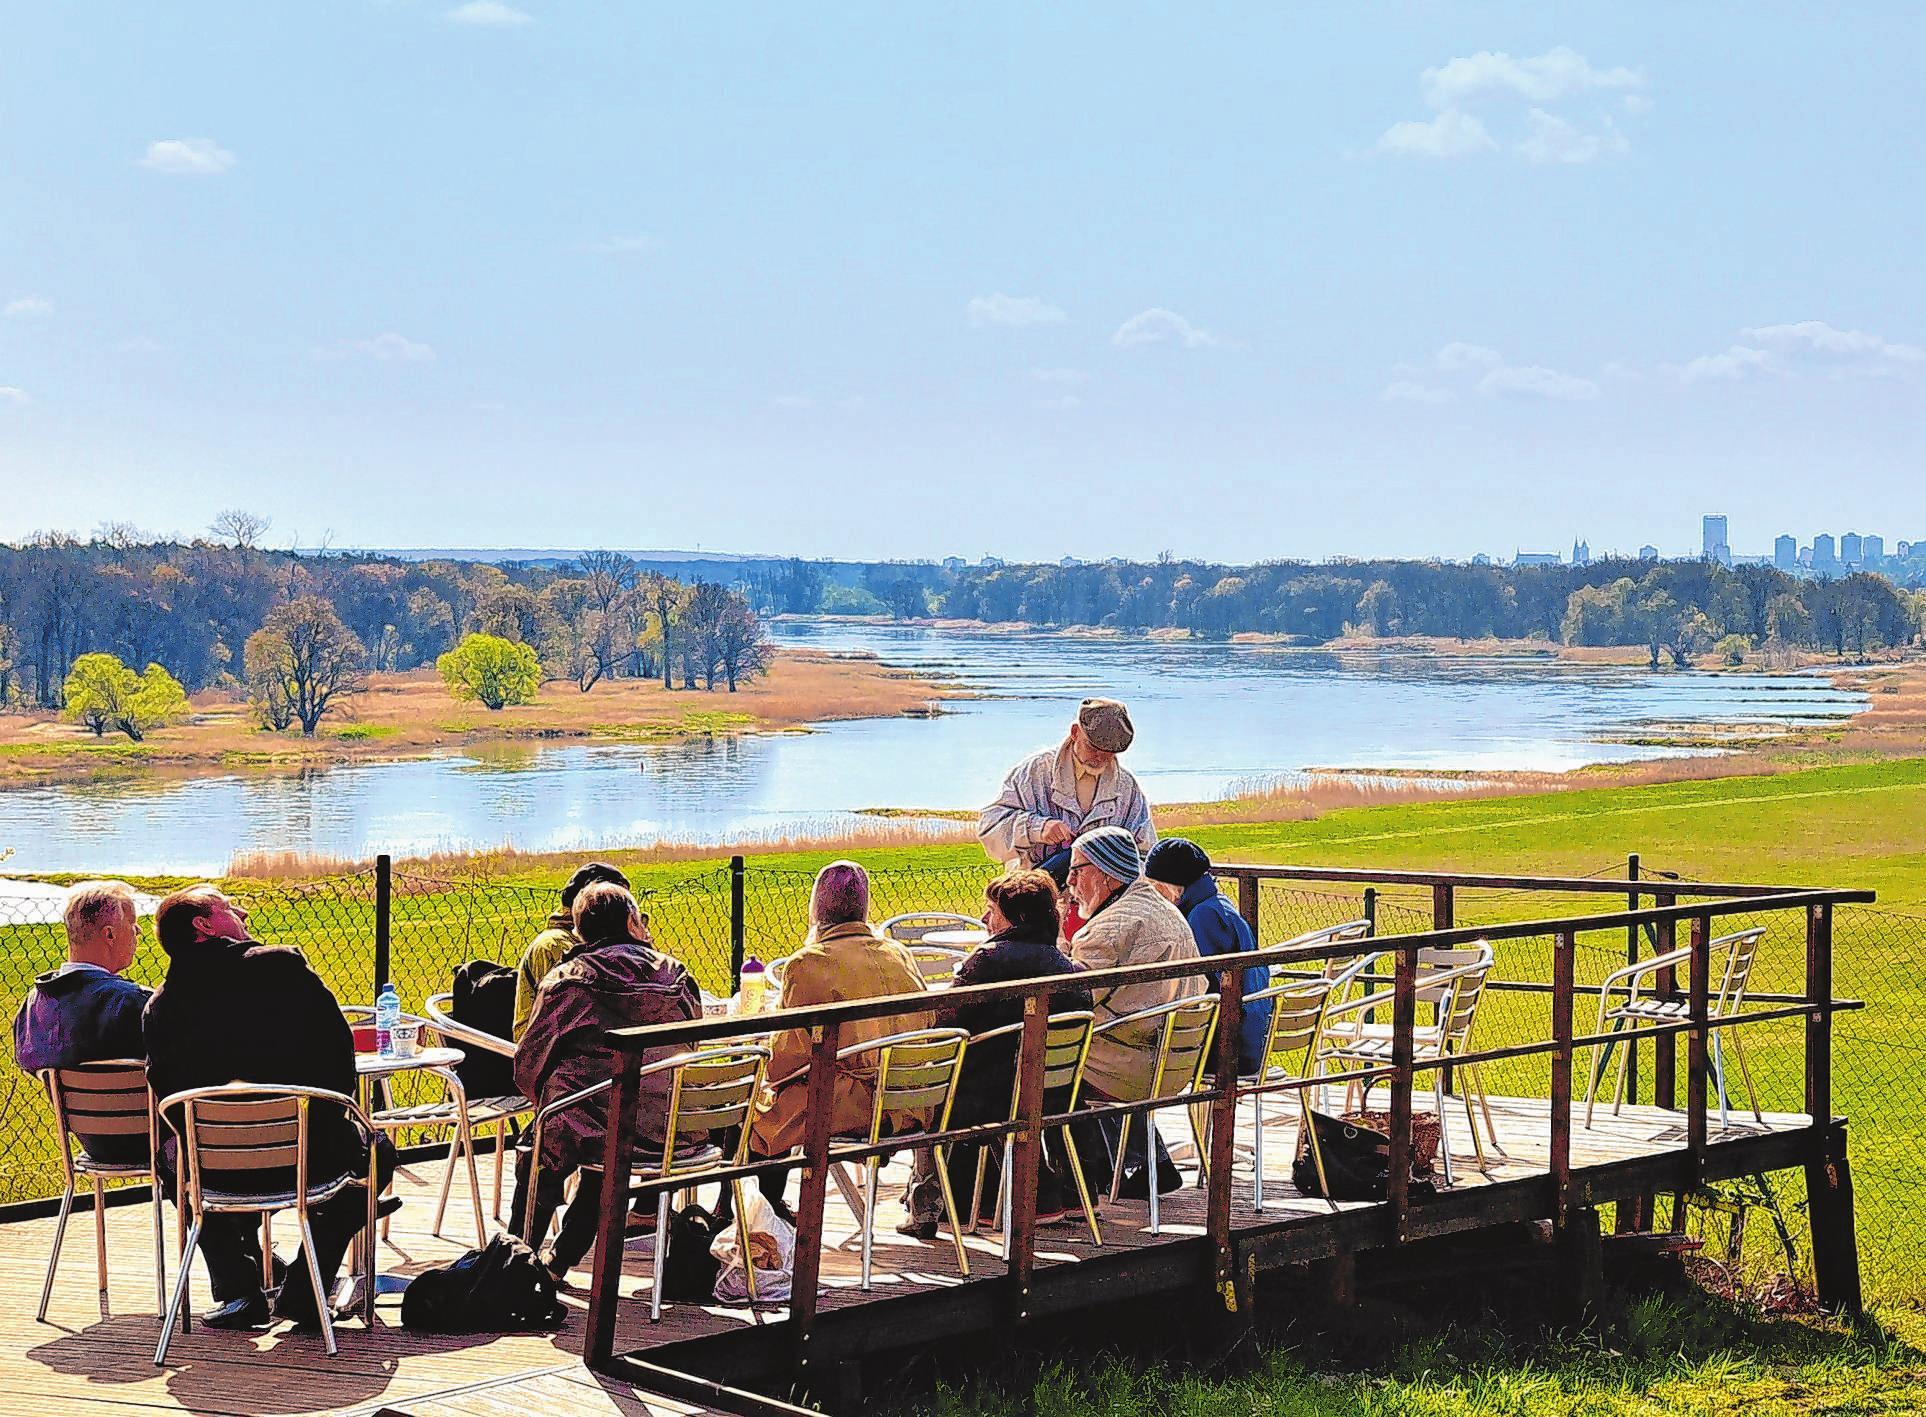 Die Europäische Naturerlebnisstätte in den Lebuser Oderbergen ist für große wie kleine Besucher ein beliebter Anlaufpunkt. Hier lassen sich tolle Sommerferien verbringen. Und von der Terrasse schweift der Blick bis nach Frankfurt